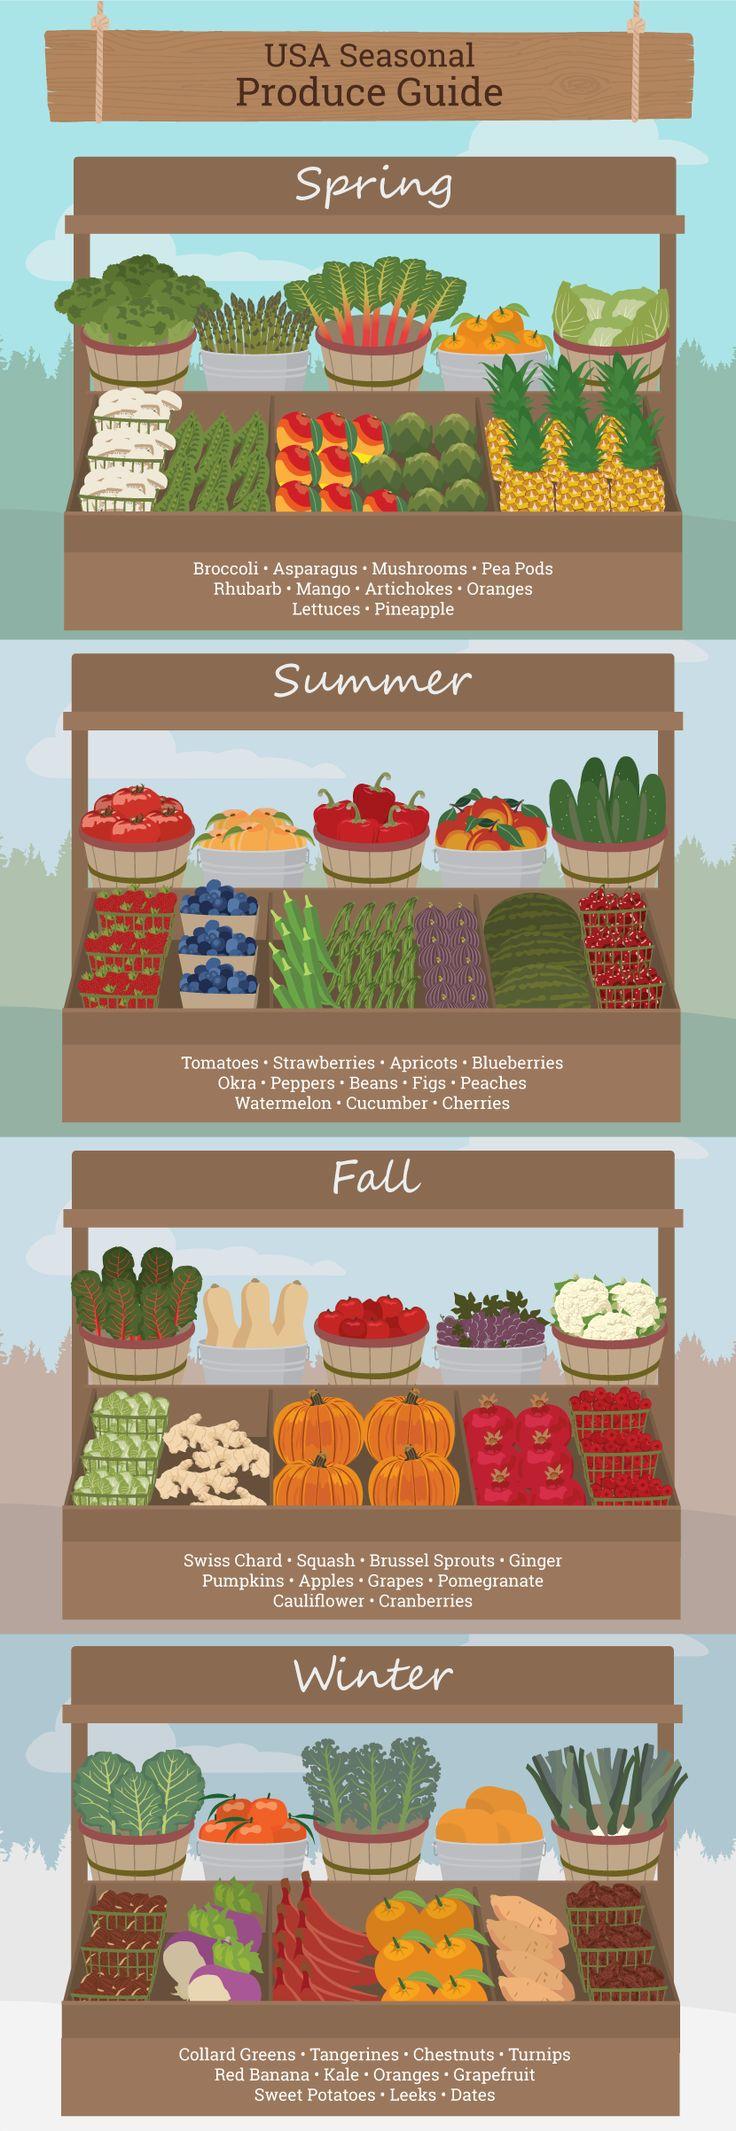 Farmers Market Guide: What's in Season in your Region